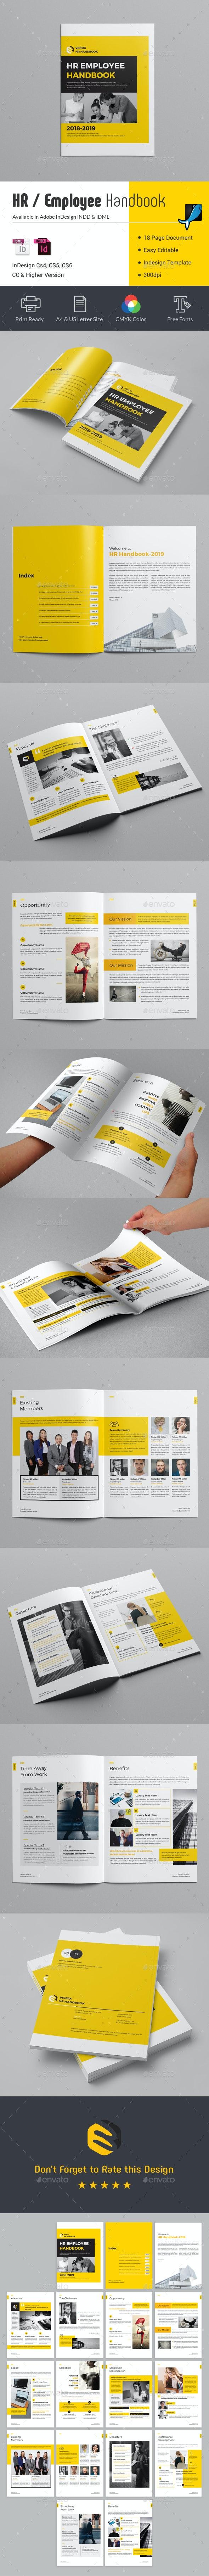 HR / Employee Handbook - Informational Brochures